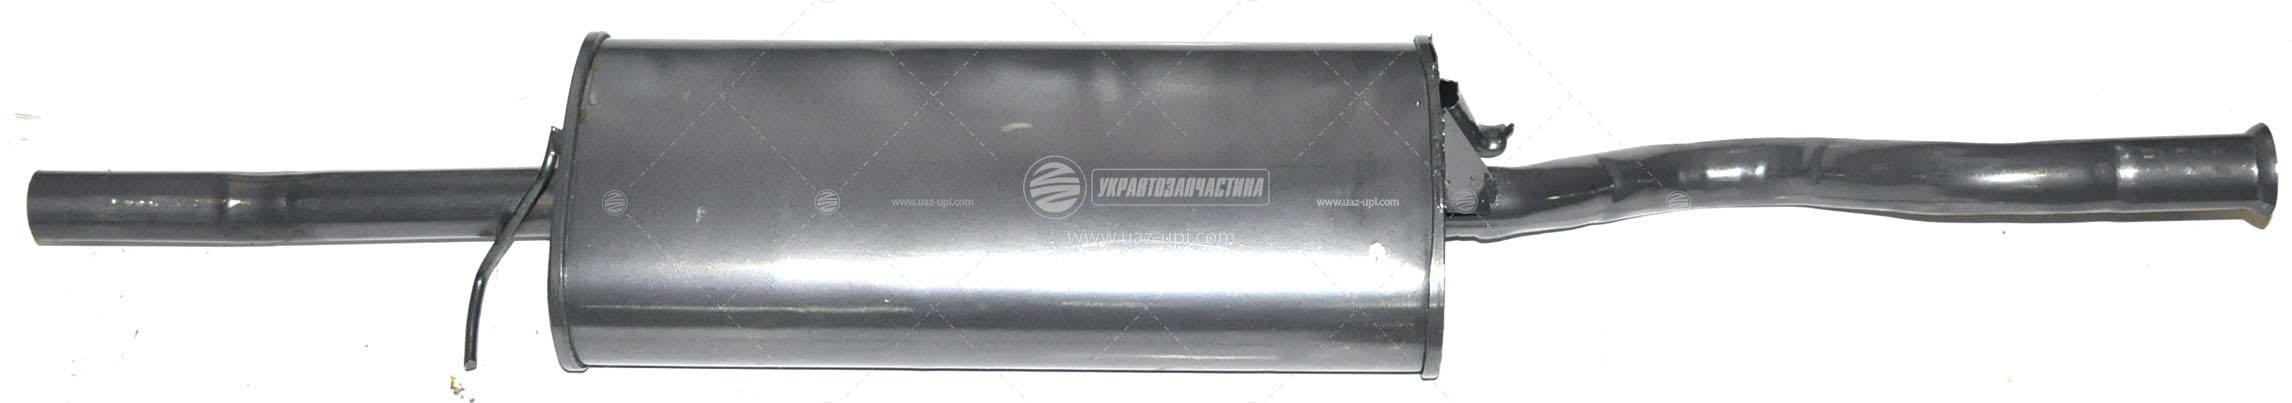 Диск тормозной МТЗ-320 в Нижнем Новгороде от компании.